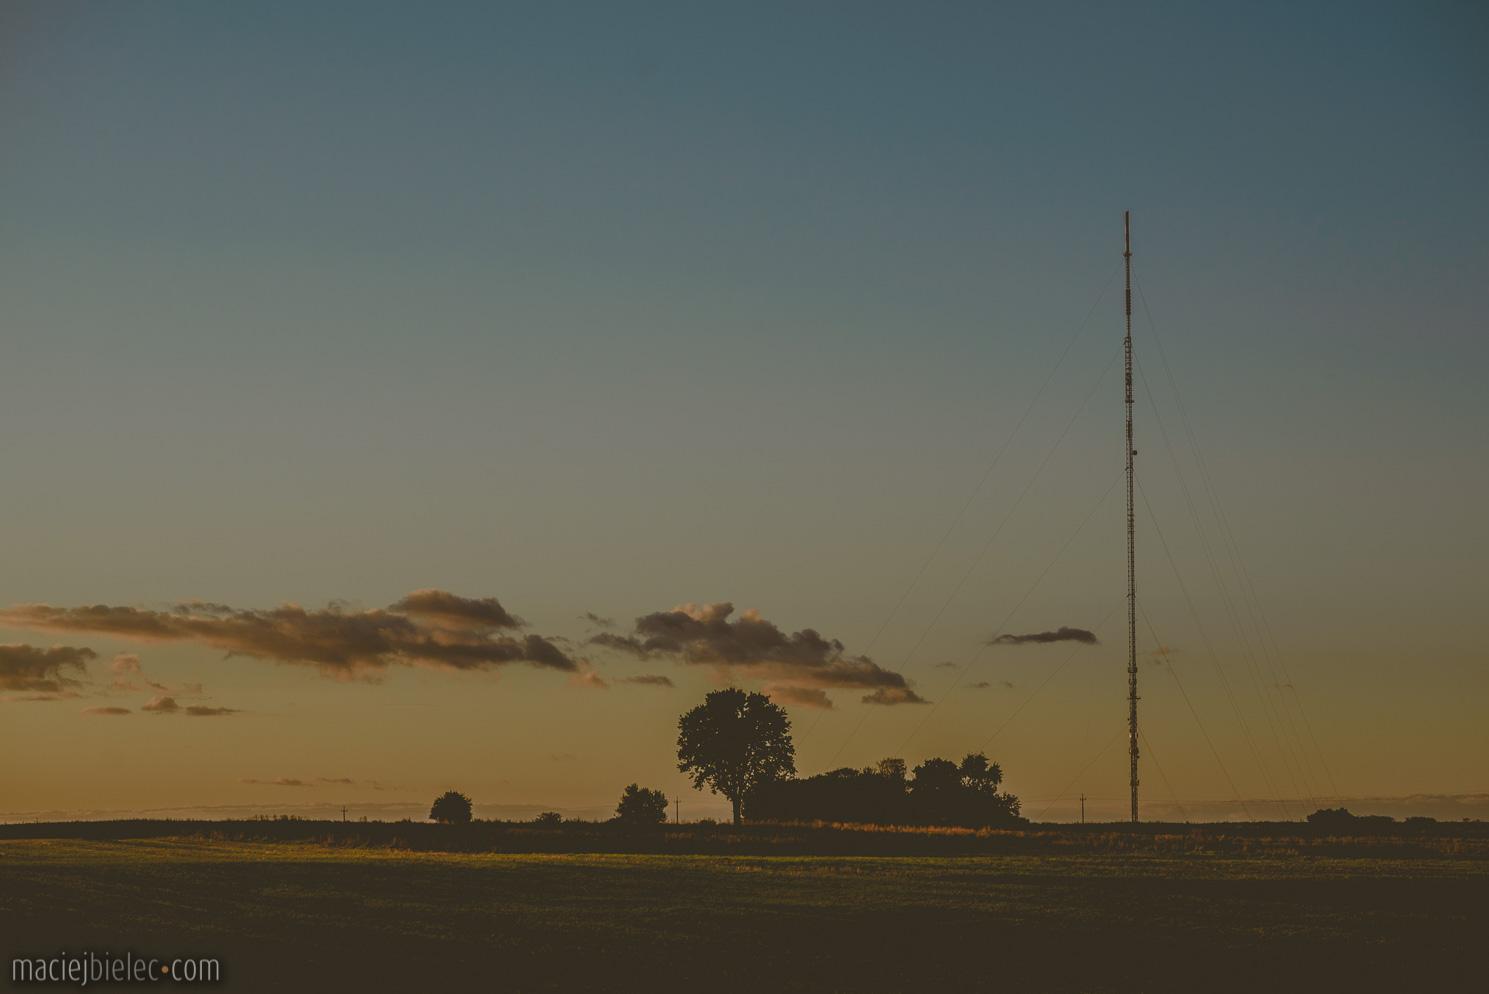 Maszt radiowy w Piaskach – Radiowo-Telewizyjne Centrum Nadawcze w Piaskach